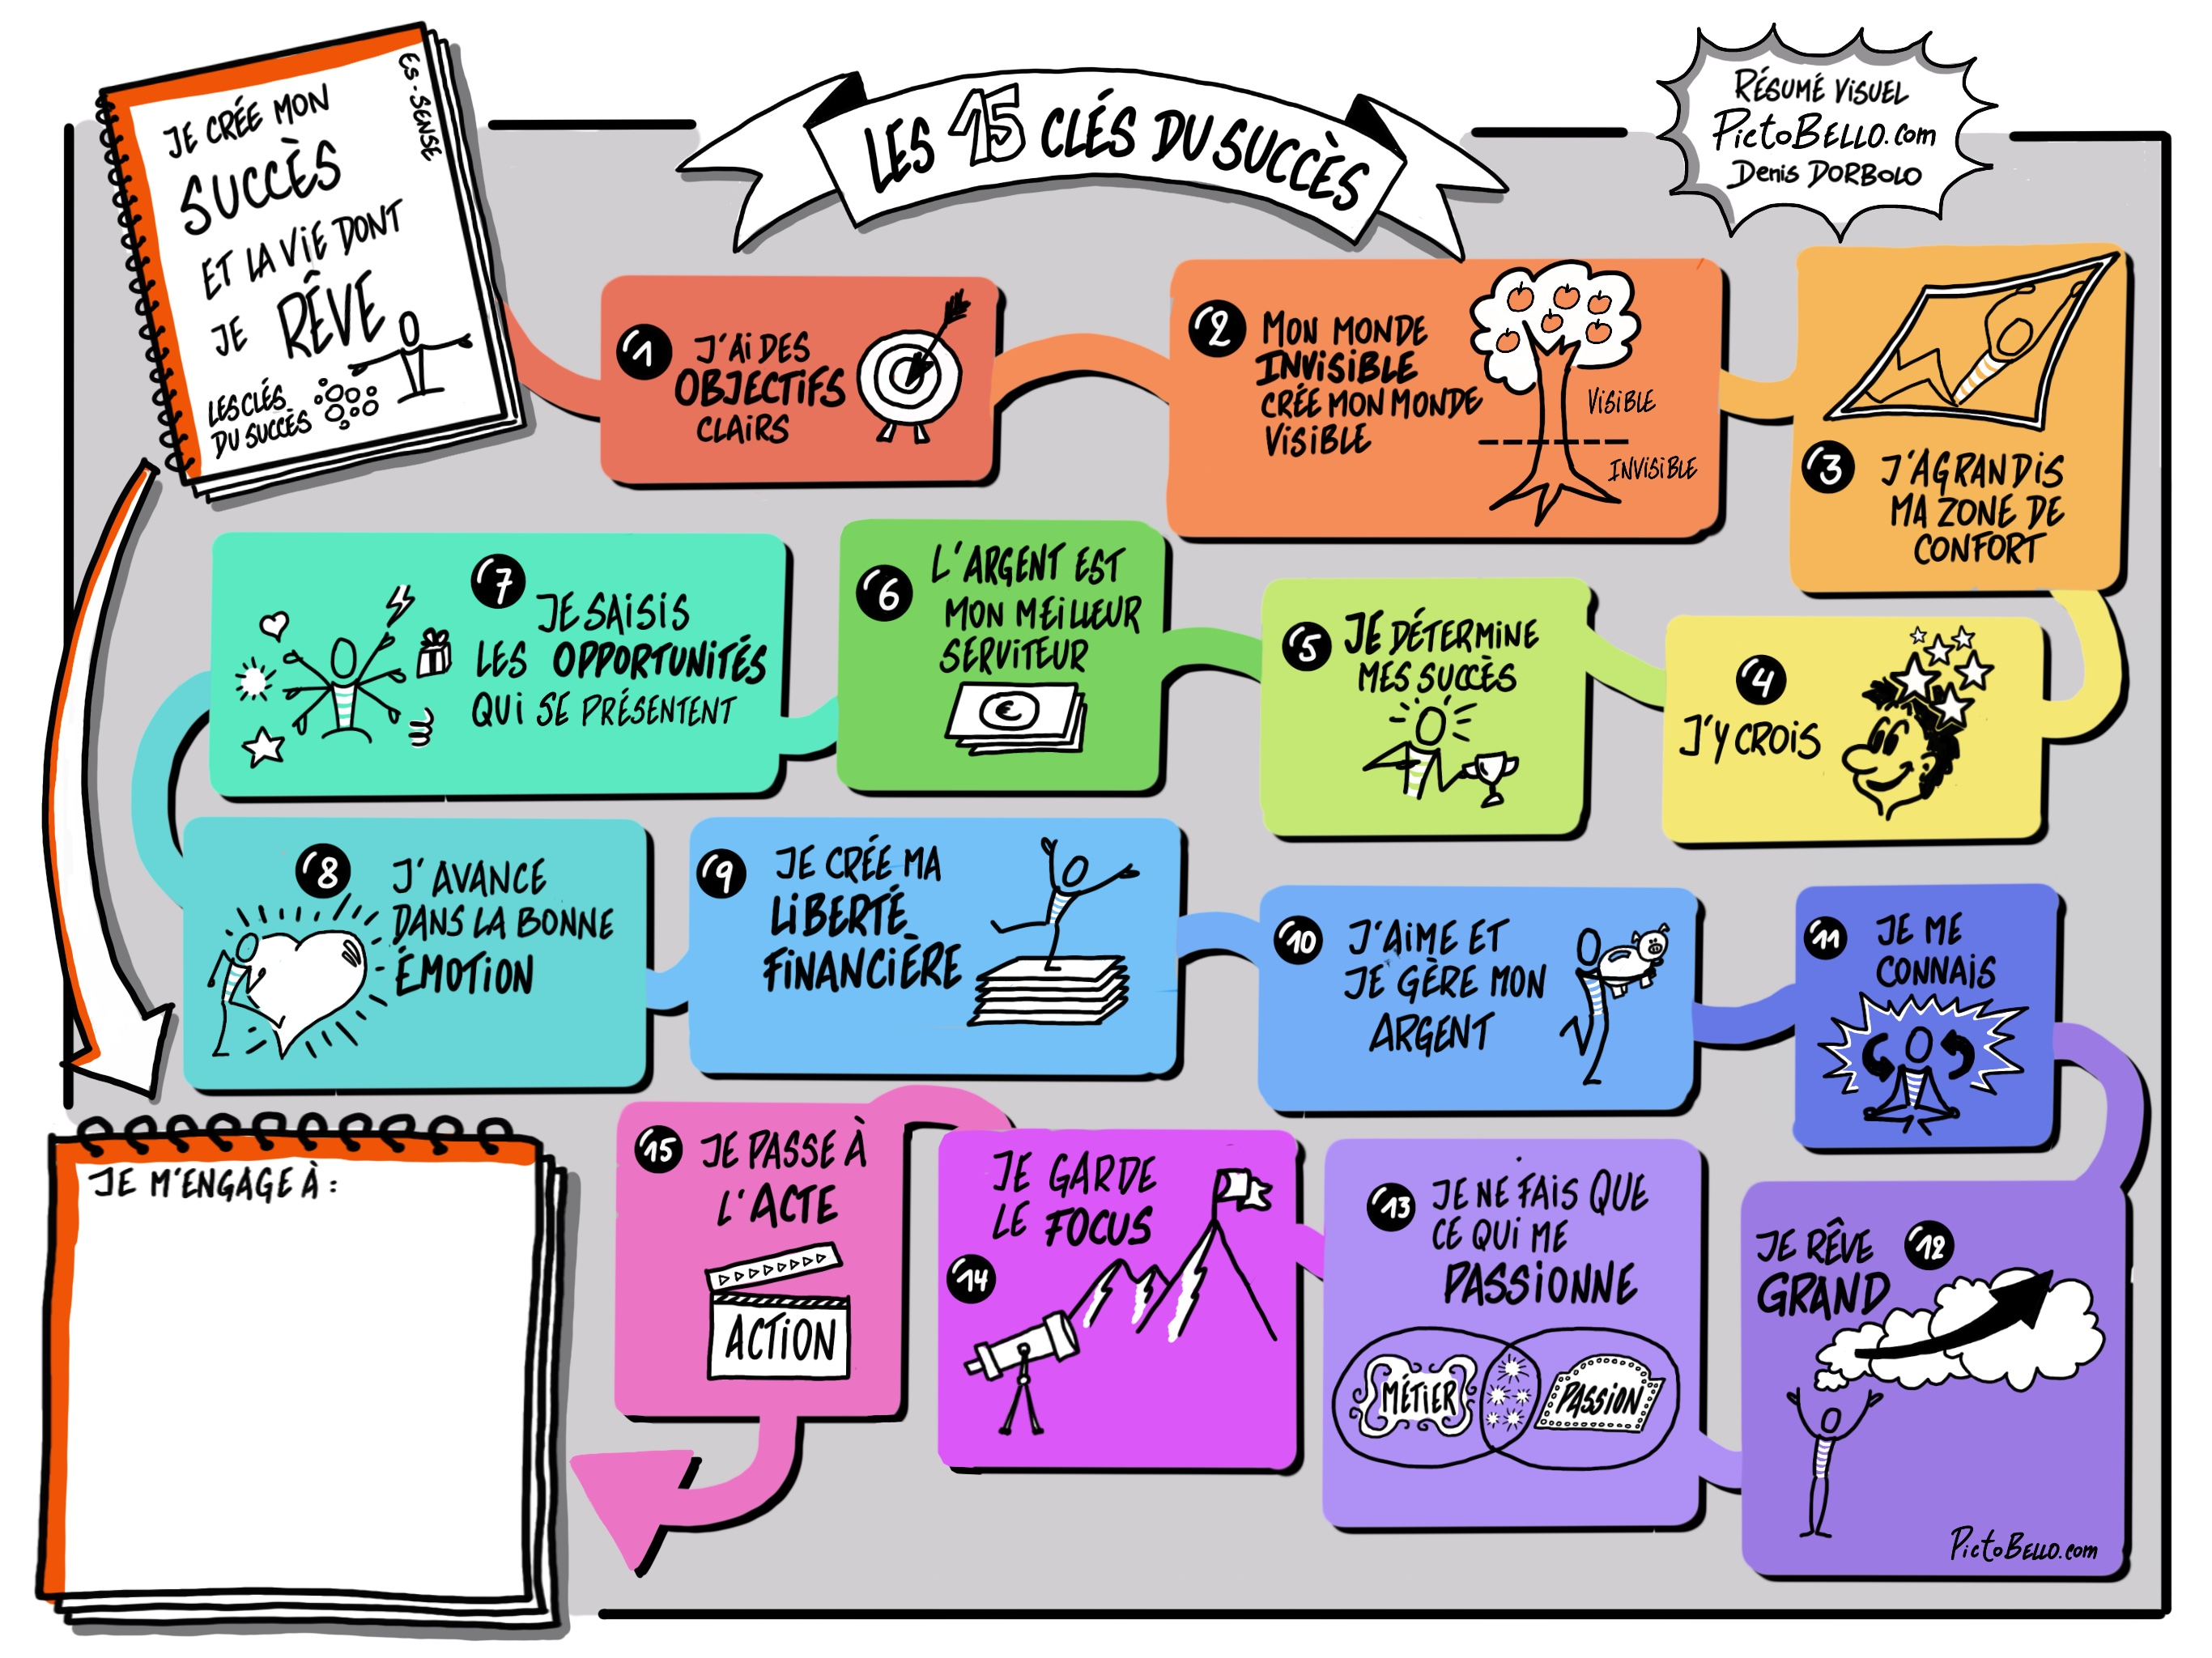 Les 15 clés du Succès - Pictobello.com